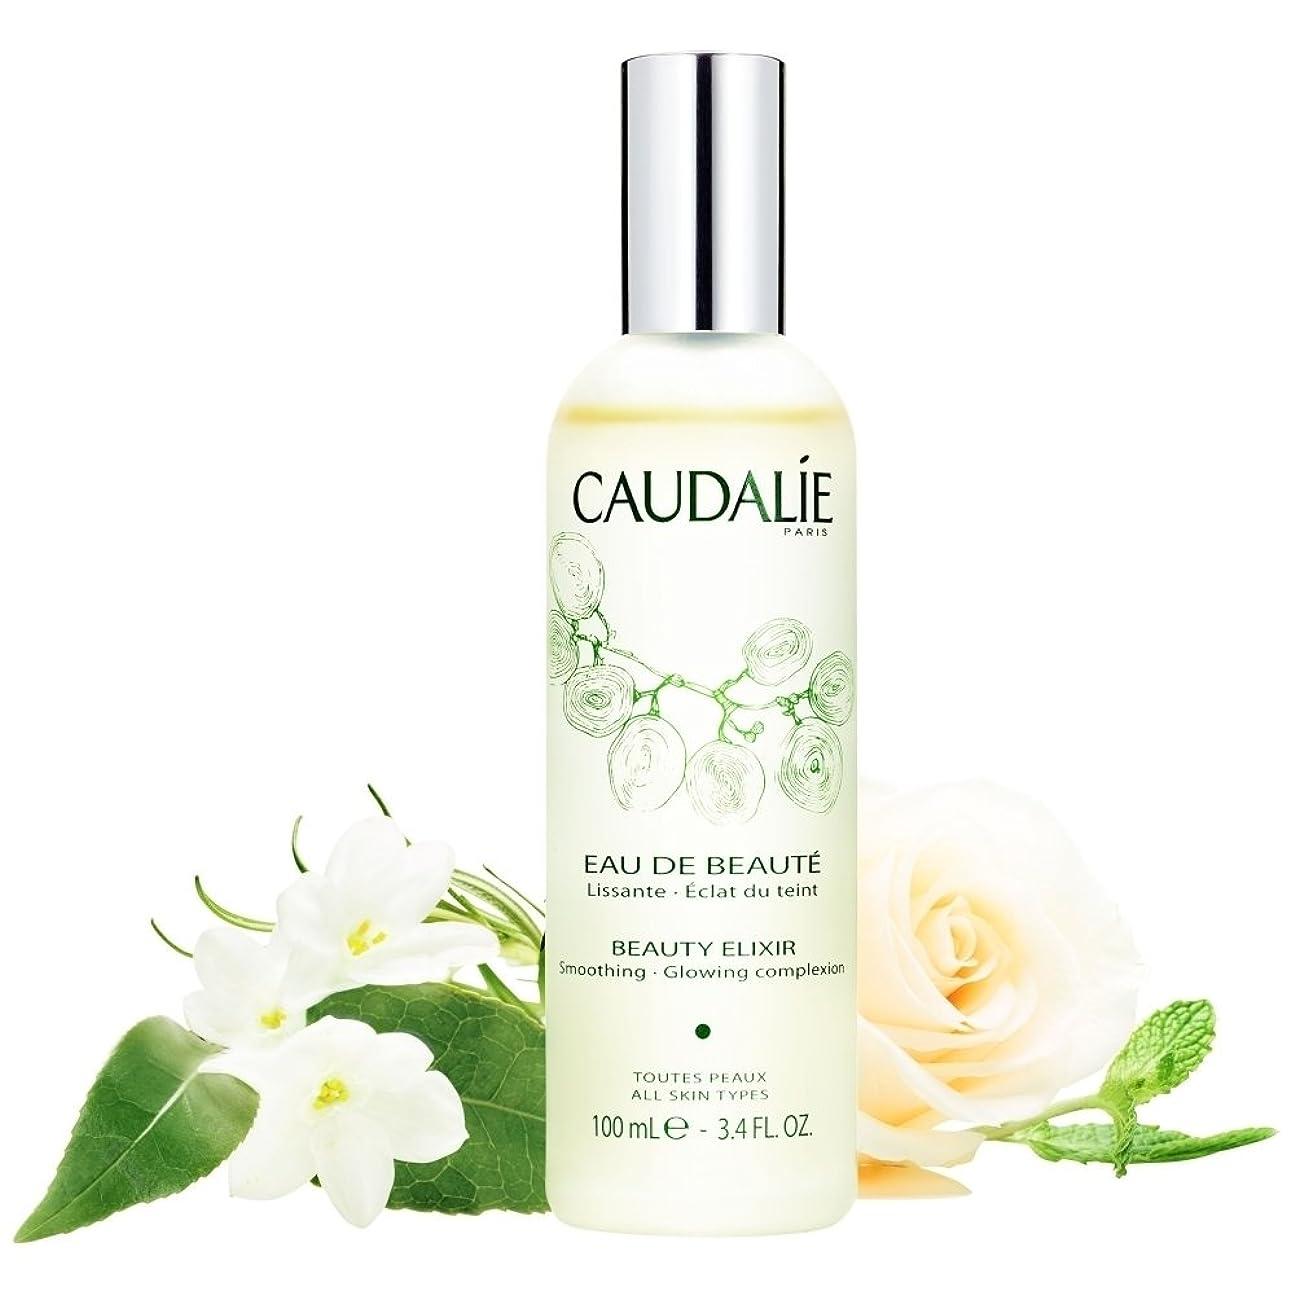 かろうじてキャッシュ求めるコーダリー美容エリキシル、100ミリリットル (Caudalie) (x2) - Caudalie Beauty Elixir, 100ml (Pack of 2) [並行輸入品]